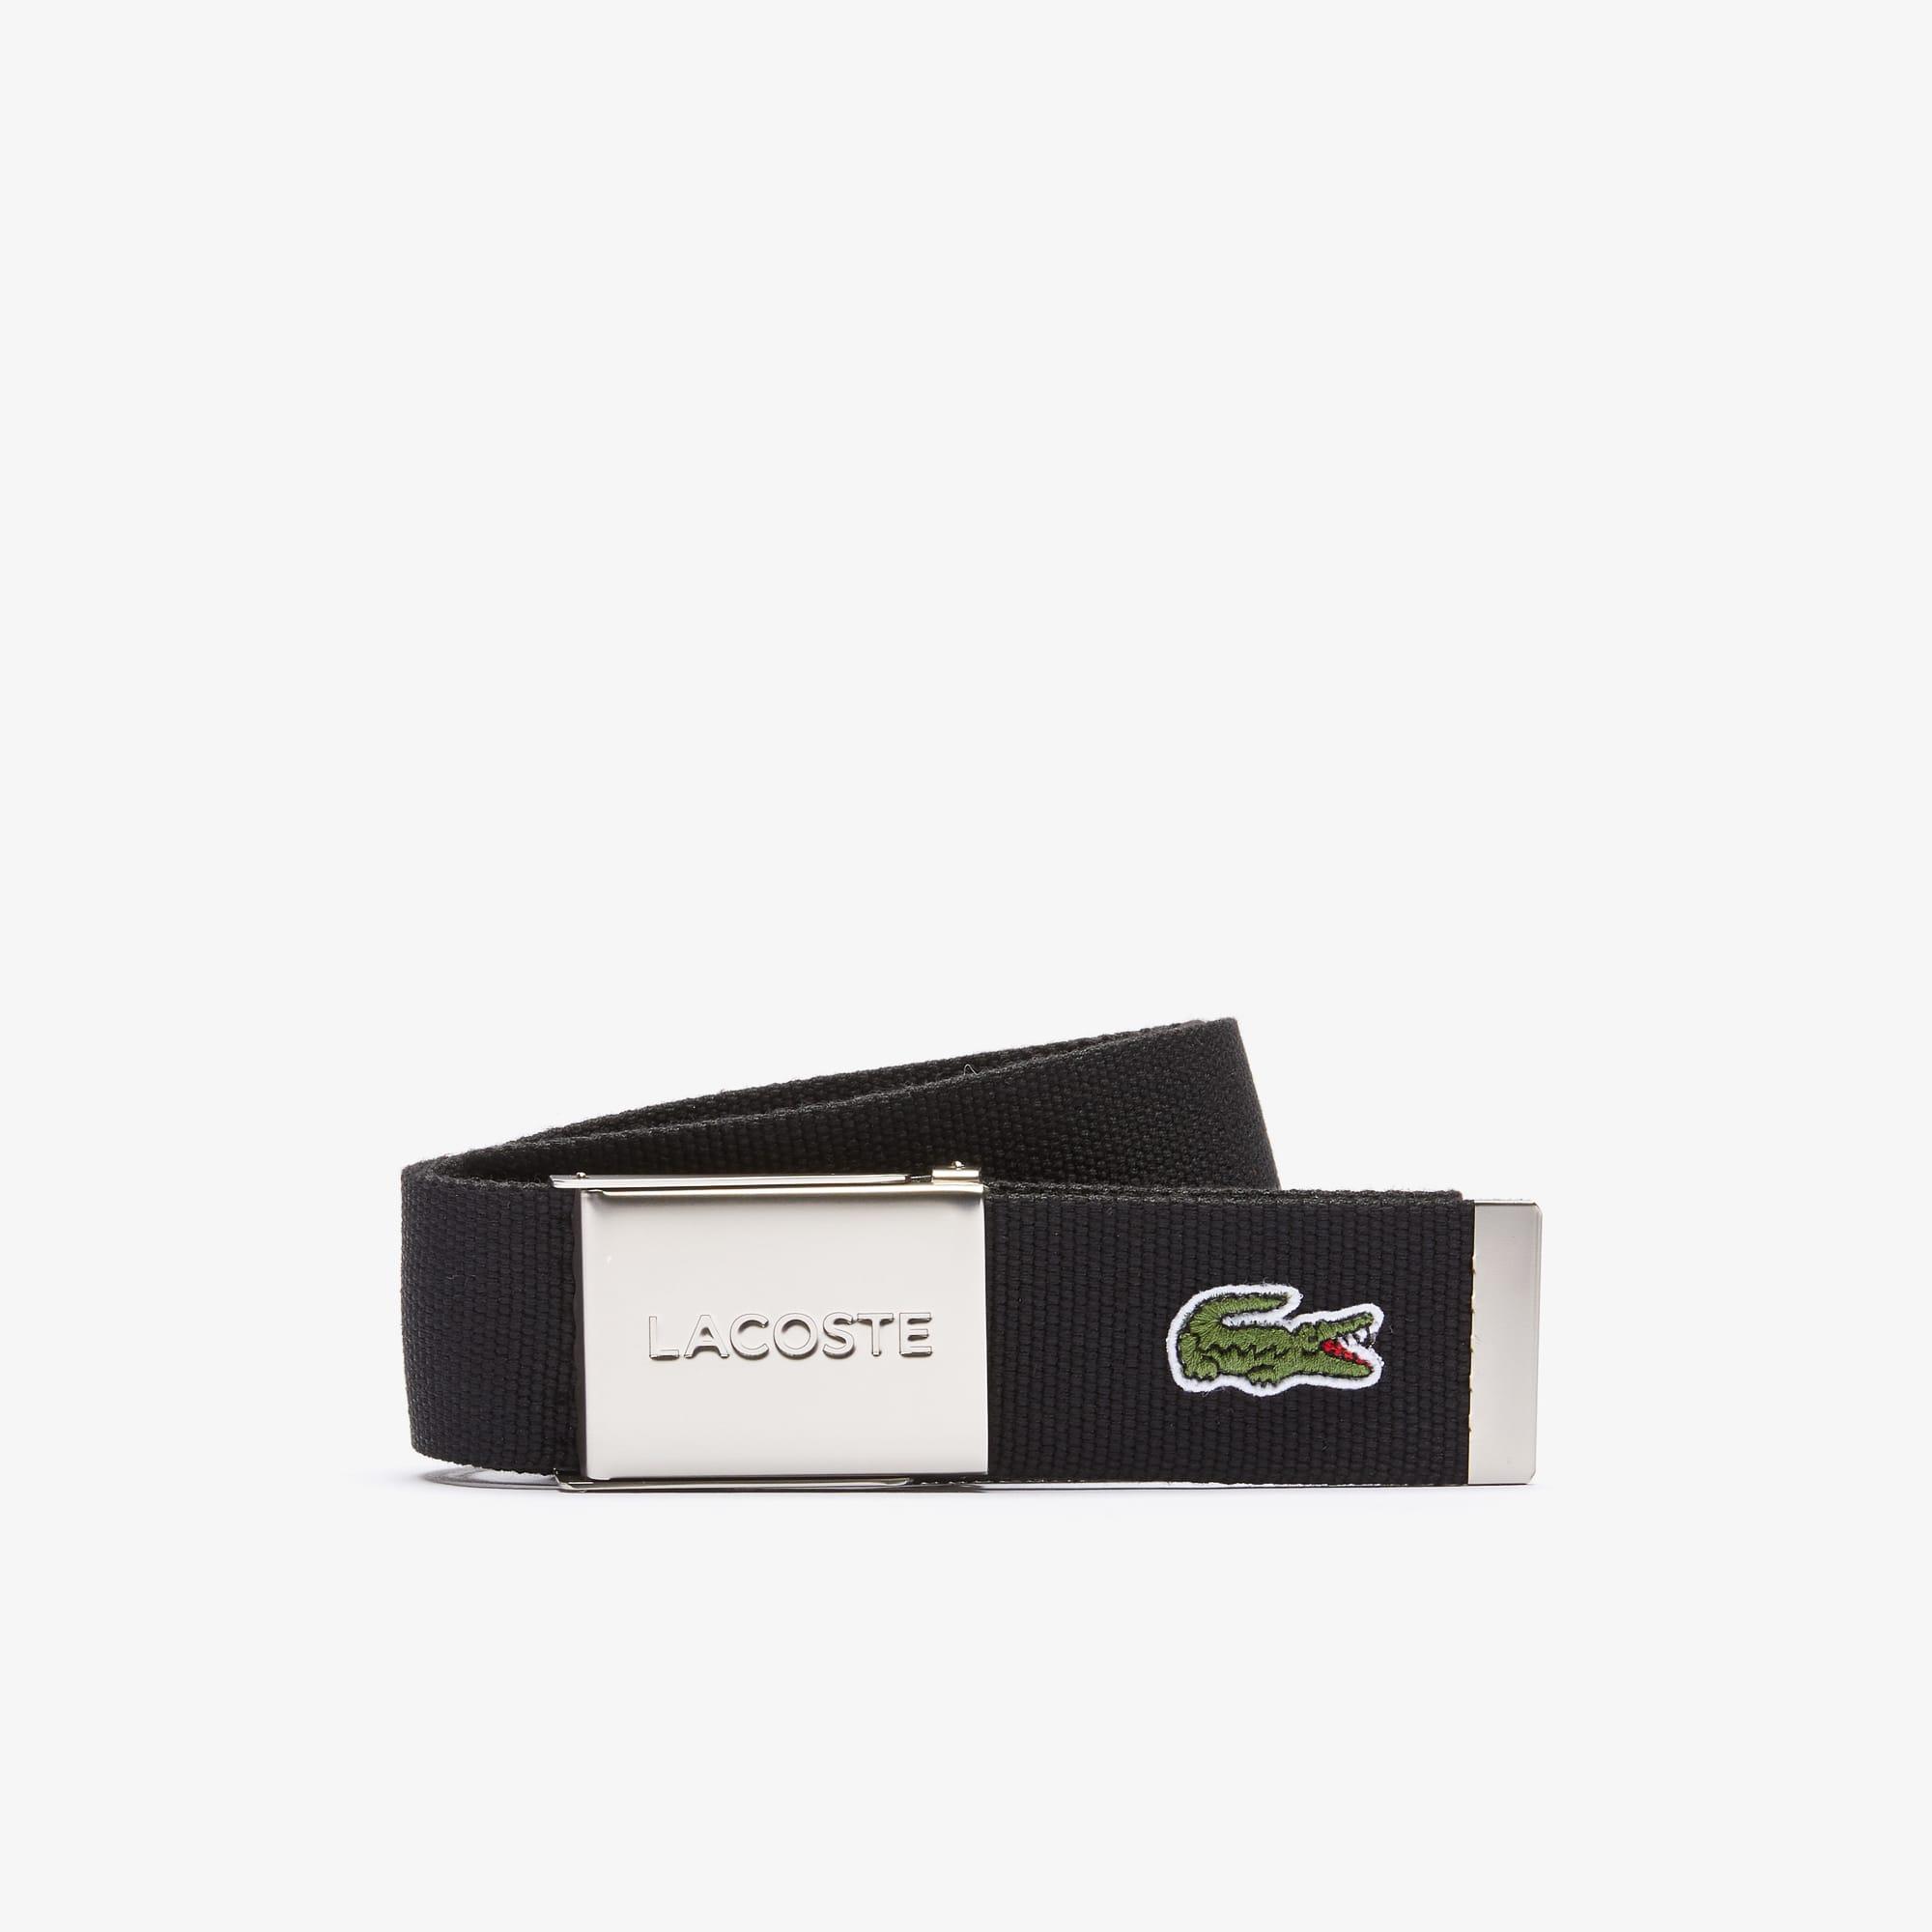 disponibilità nel Regno Unito 89ae0 564f0 Cintura in tessuto intrecciato con fibbia e incisione Lacoste Made in  France da uomo